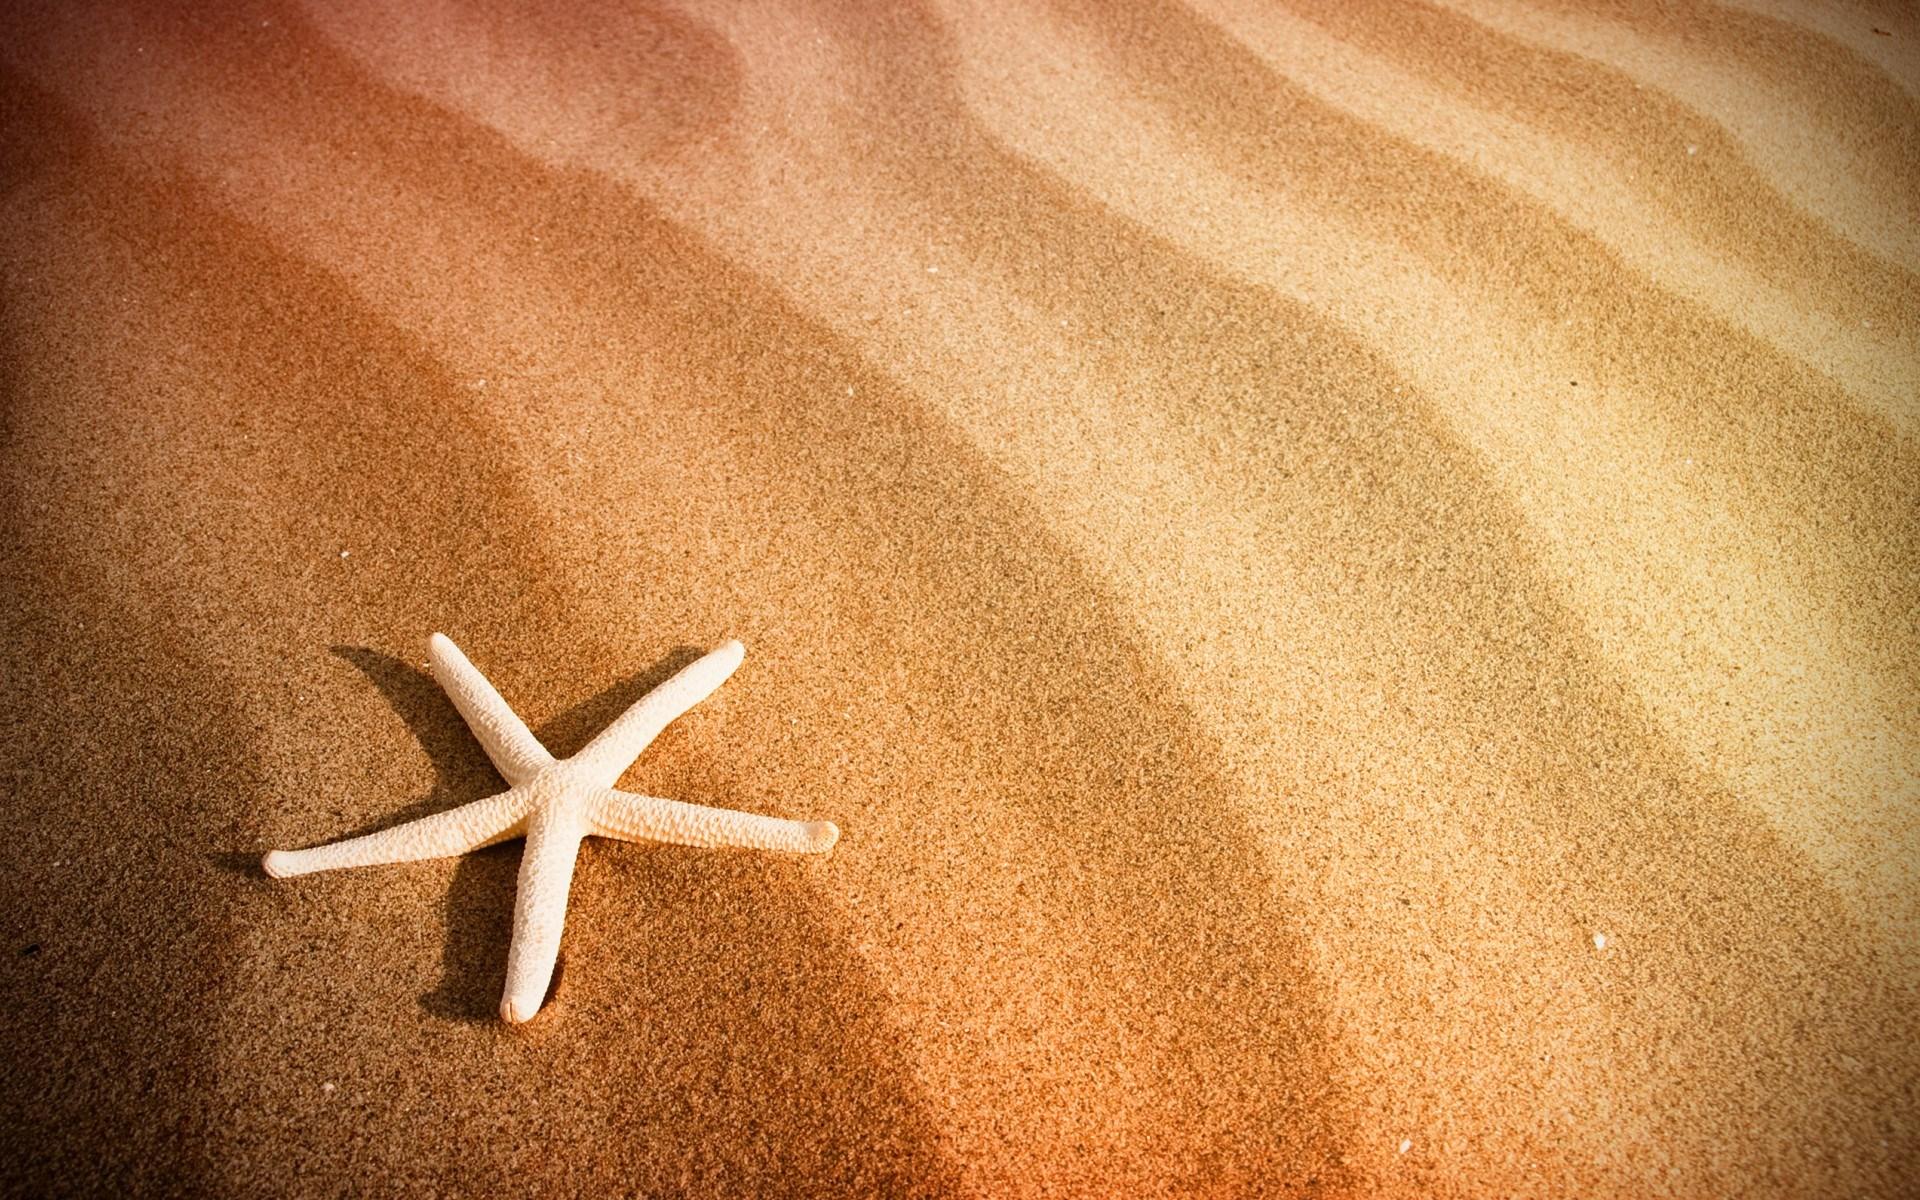 sand wallpaper beautiful photos - photo #14